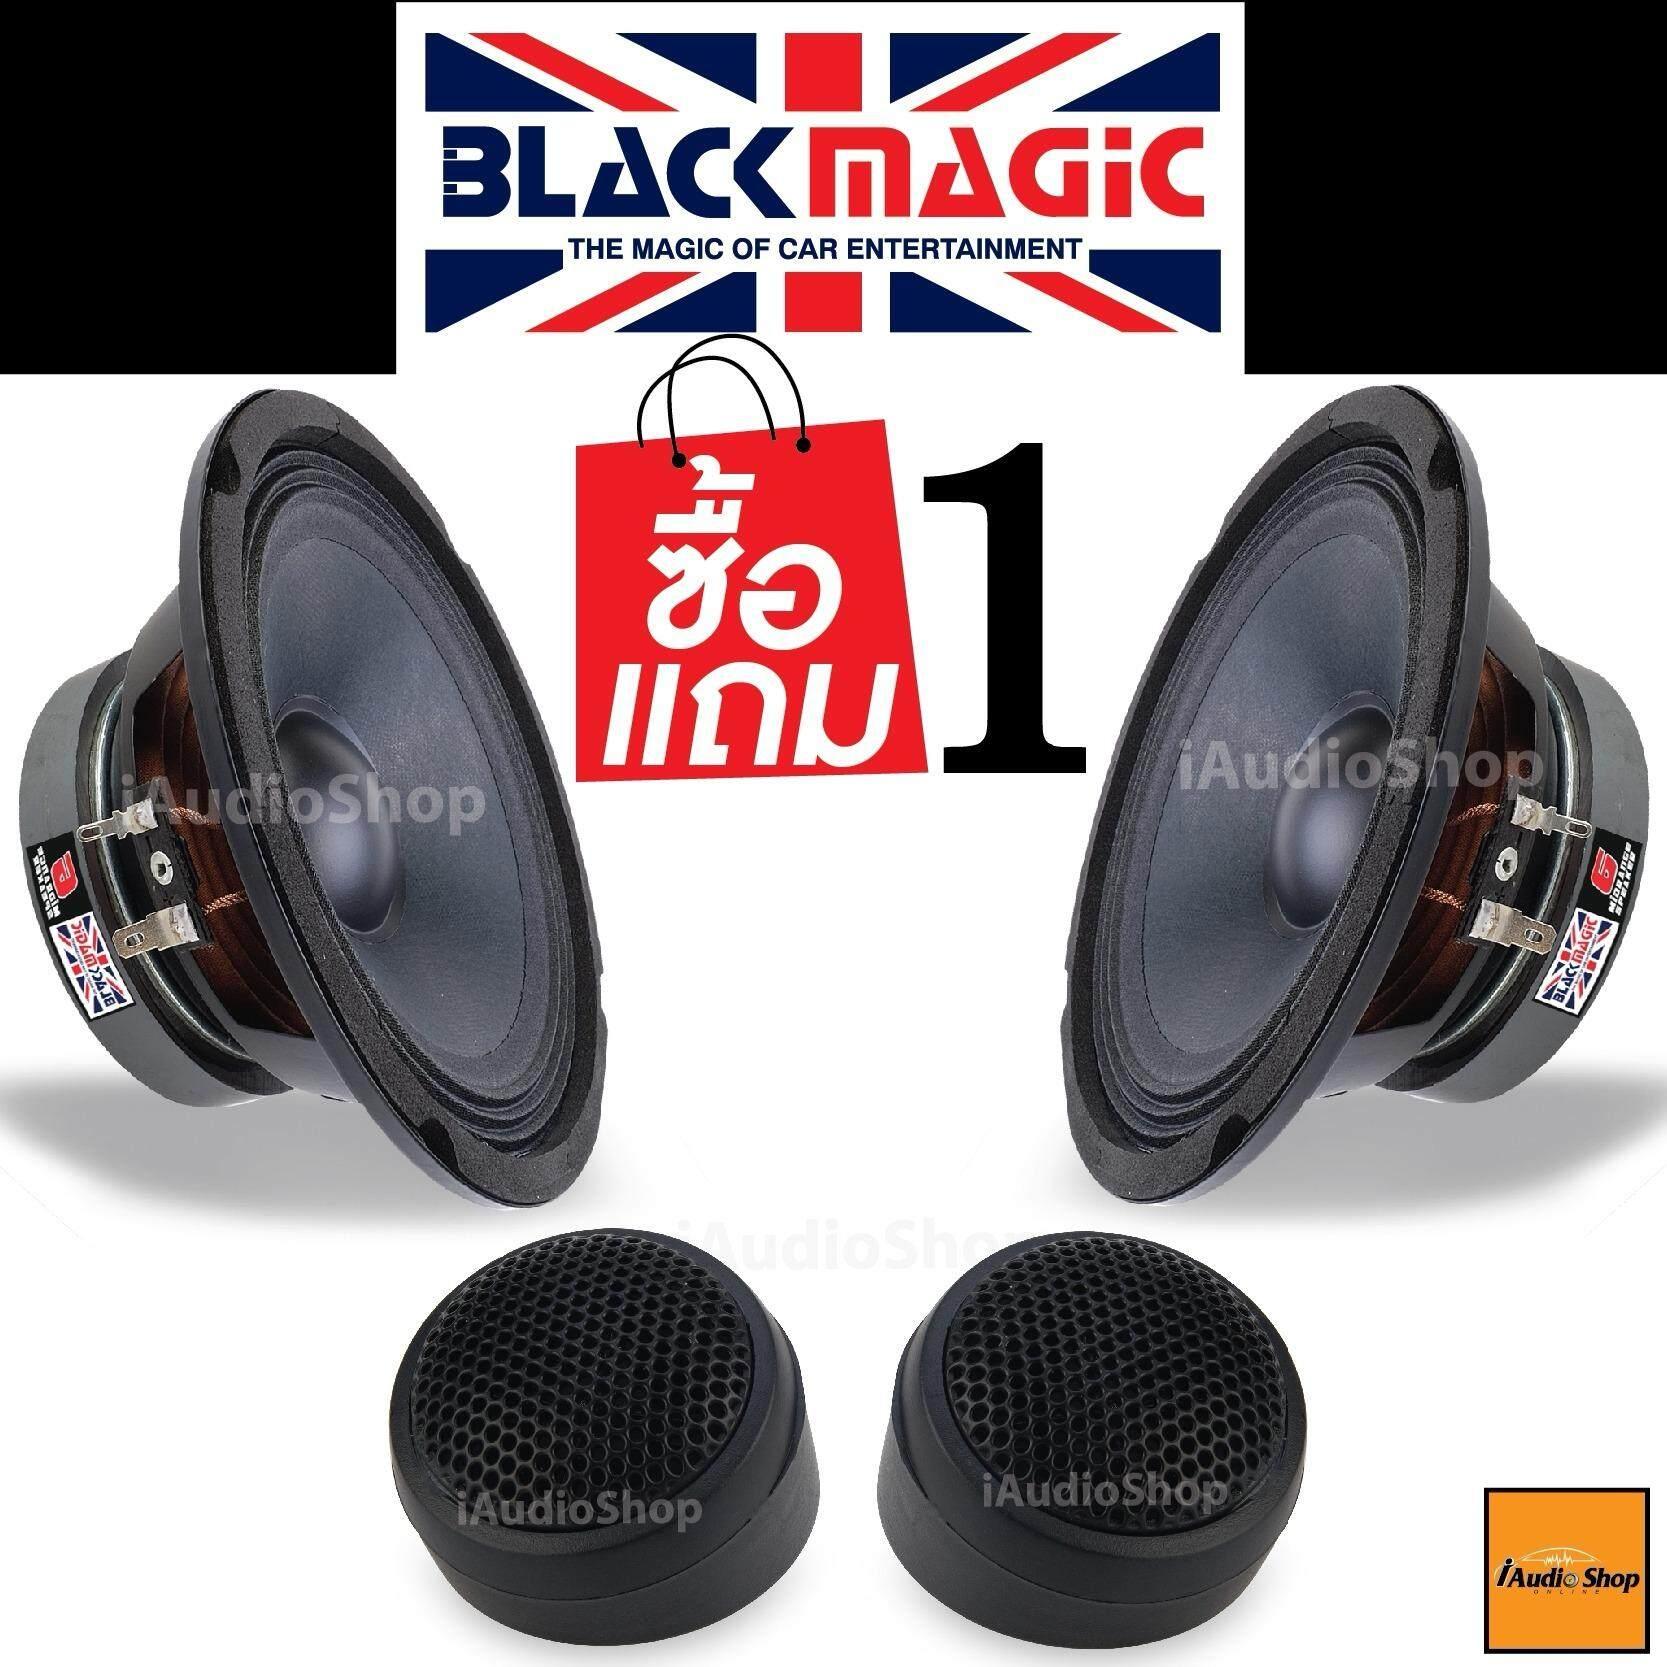 Black Magic ซื้อ1แถม1 ลำโพง ลำโพงเสียงกลาง ขนาด6 5 Bmg 6 จำนวน 1คู่ แถมฟรี ลำโพงทวิตเตอร์ ใหม่ล่าสุด